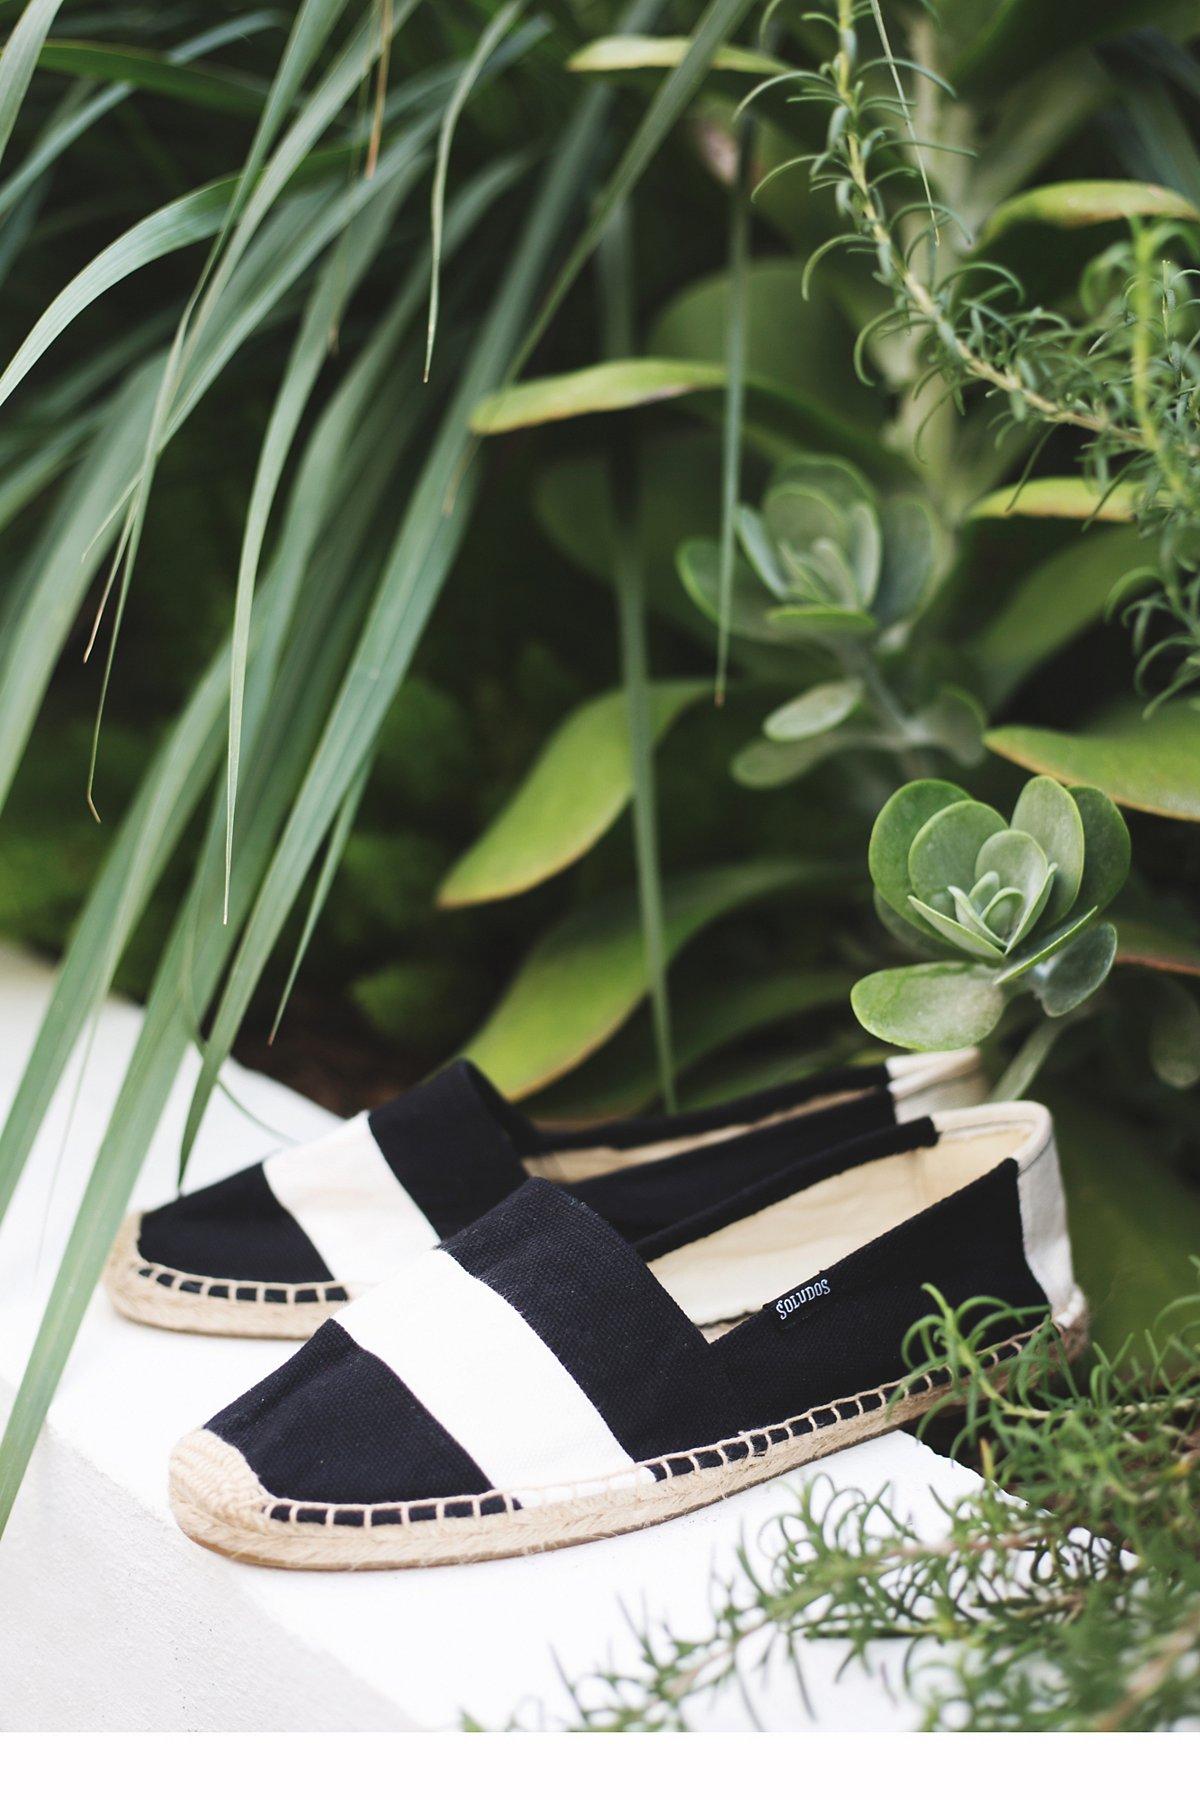 皱布条纹麻底鞋